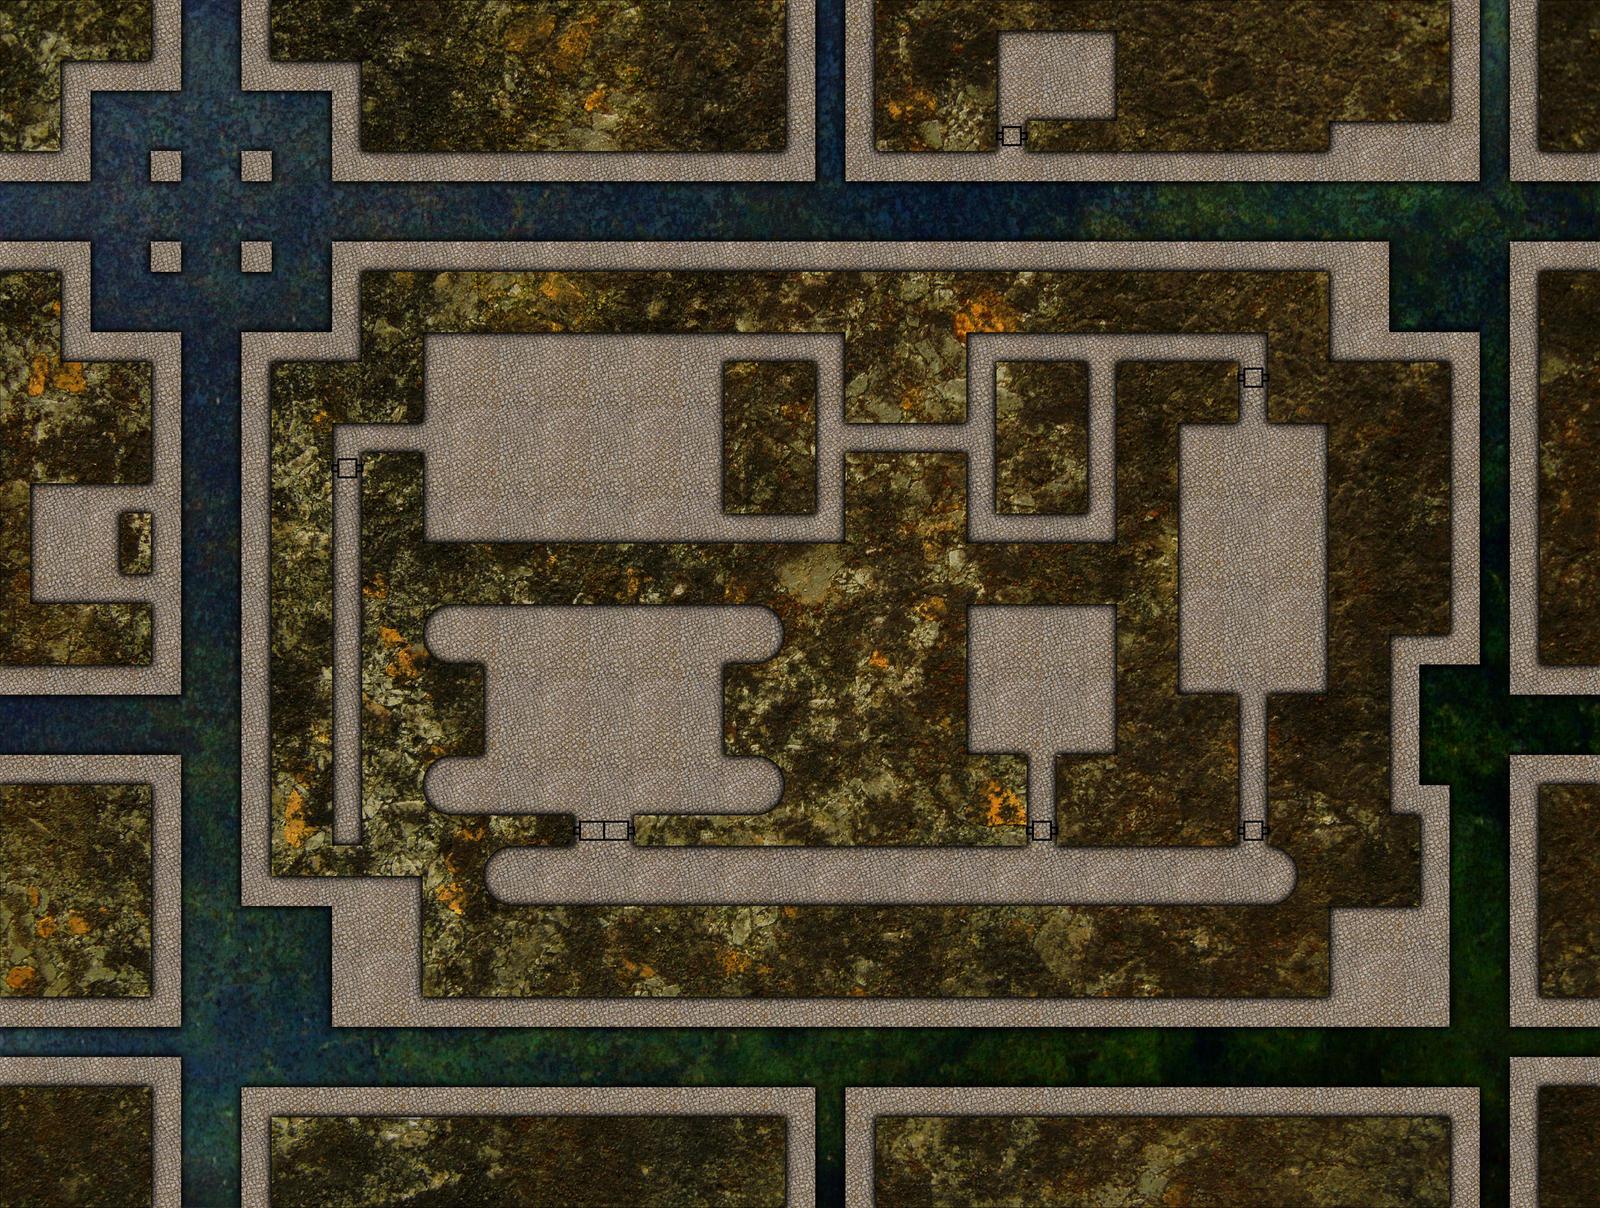 Sewer Dungeon Battlemap